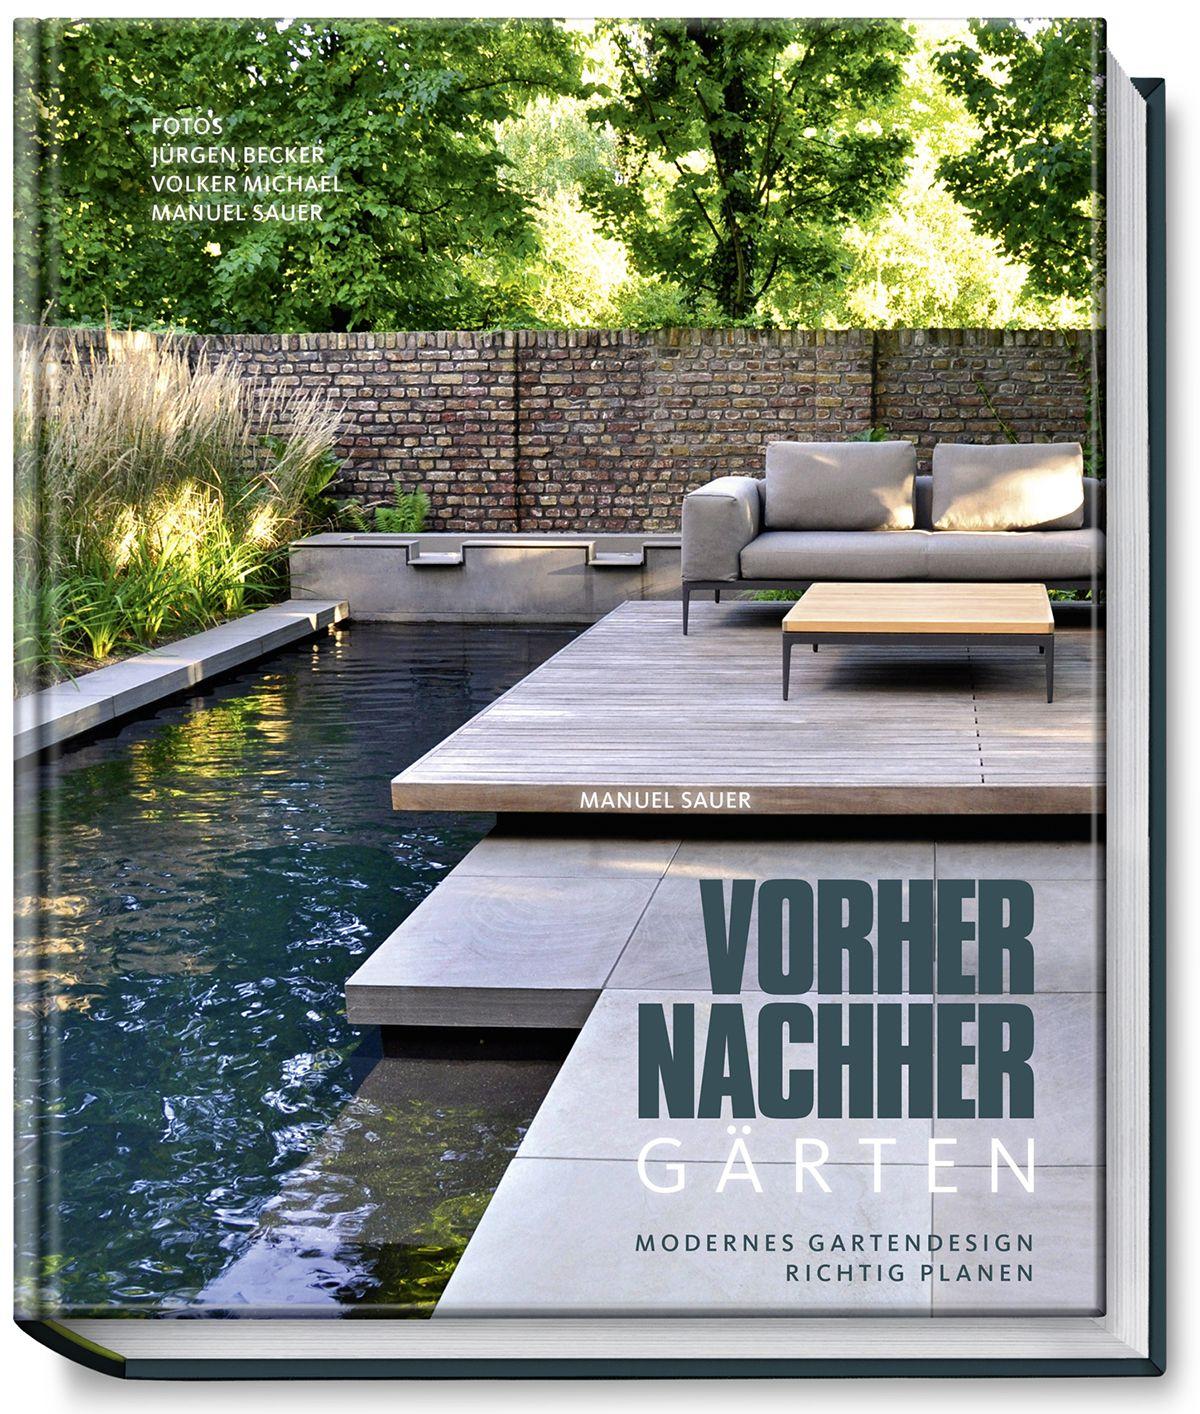 Vorher-nachher-Gärten – Modernes Gartendesign richtig planen von Be